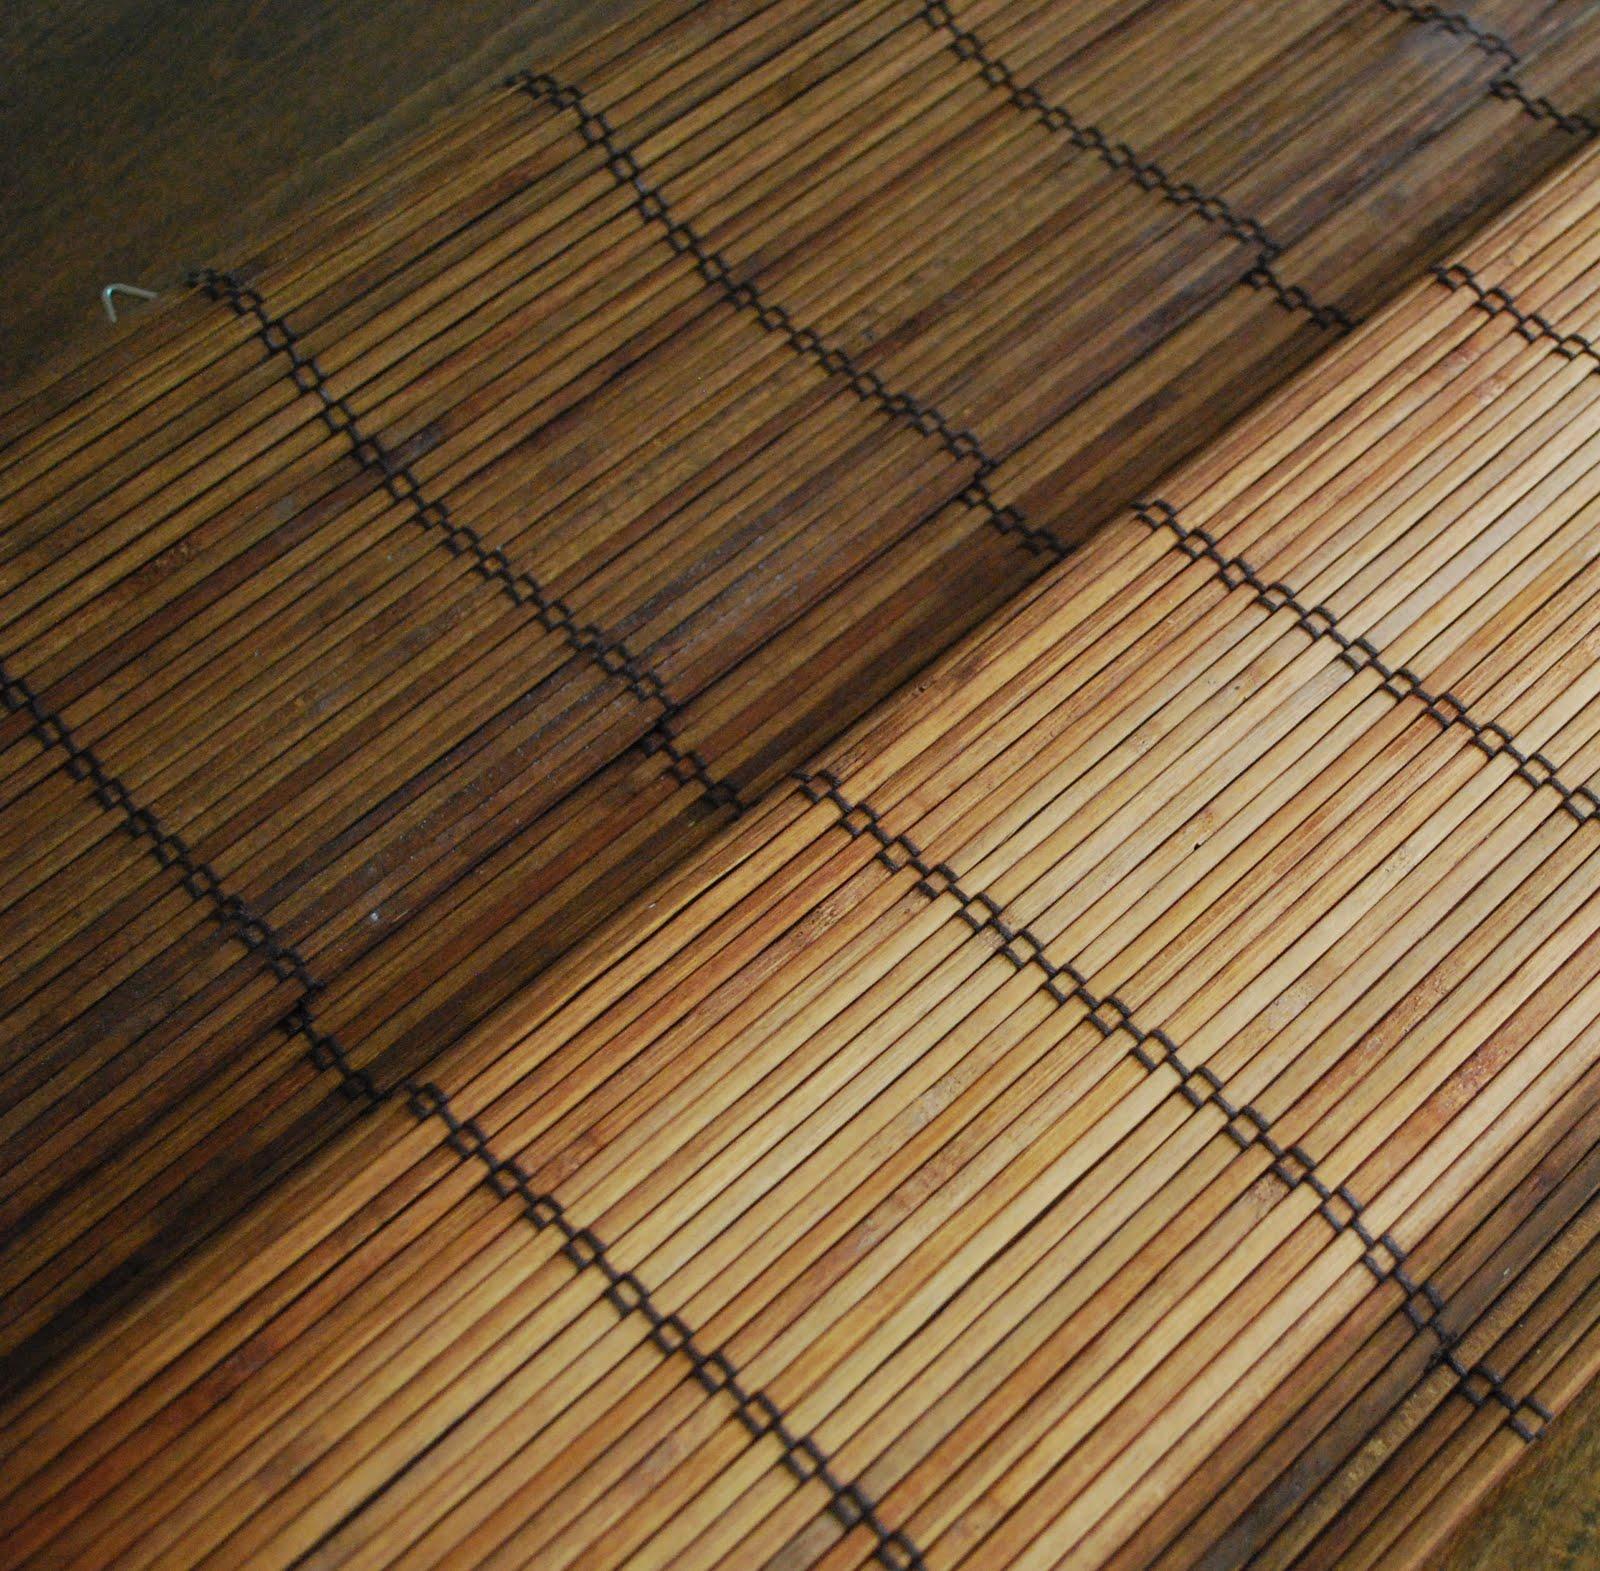 bamboo shades target ikea window blinds matchstick blinds ikea - Target Blinds